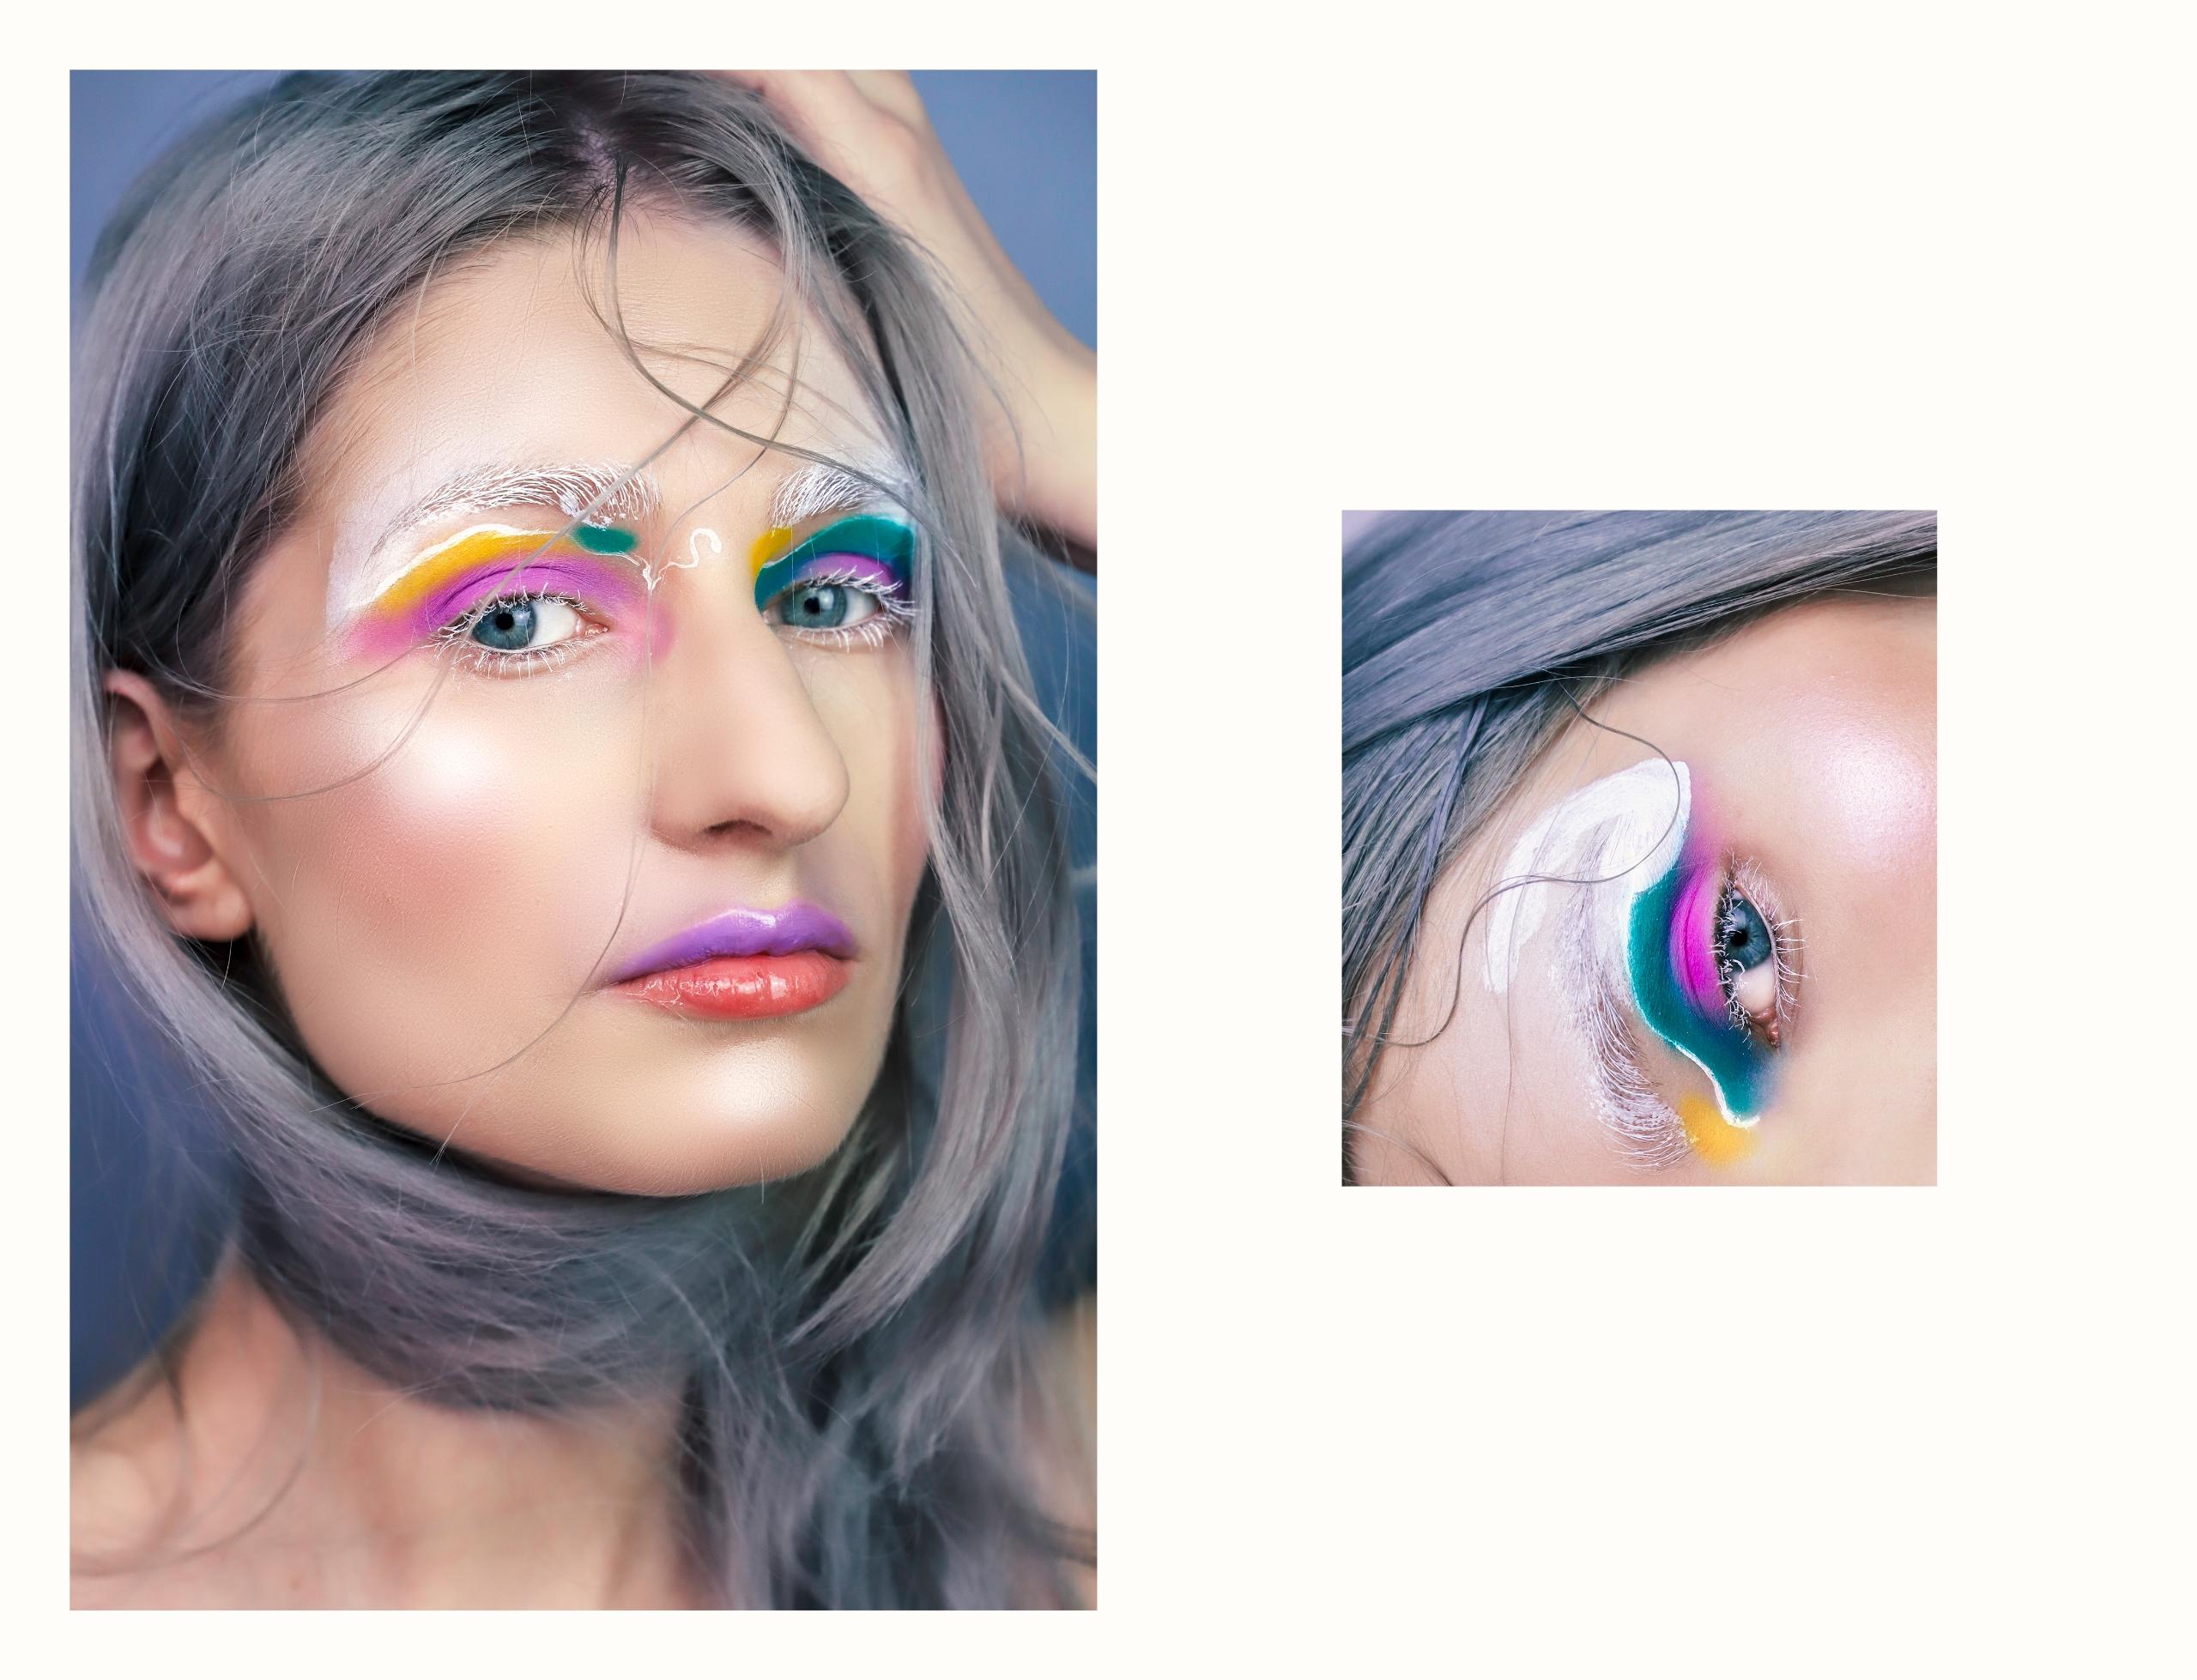 Obraz przedstawia dwa zdjęcia. Na zdjęciu z lewej strony widzimy portret kobiety w kolorowym makijażu. Po prawej stronie widzimy małe zdjęcie oka.